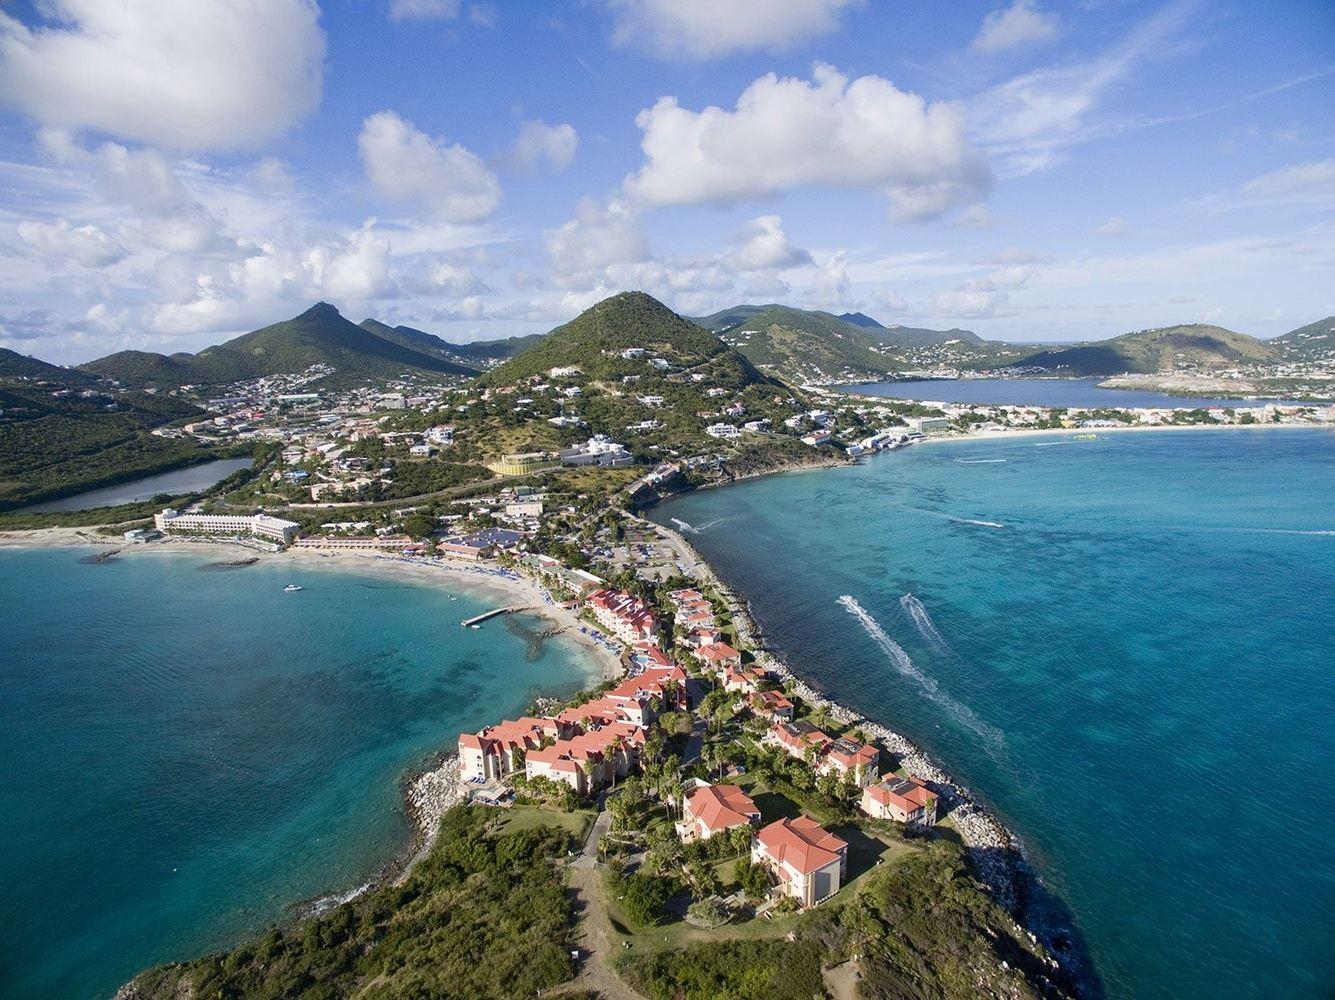 Couple's Retreat: St. Maarten